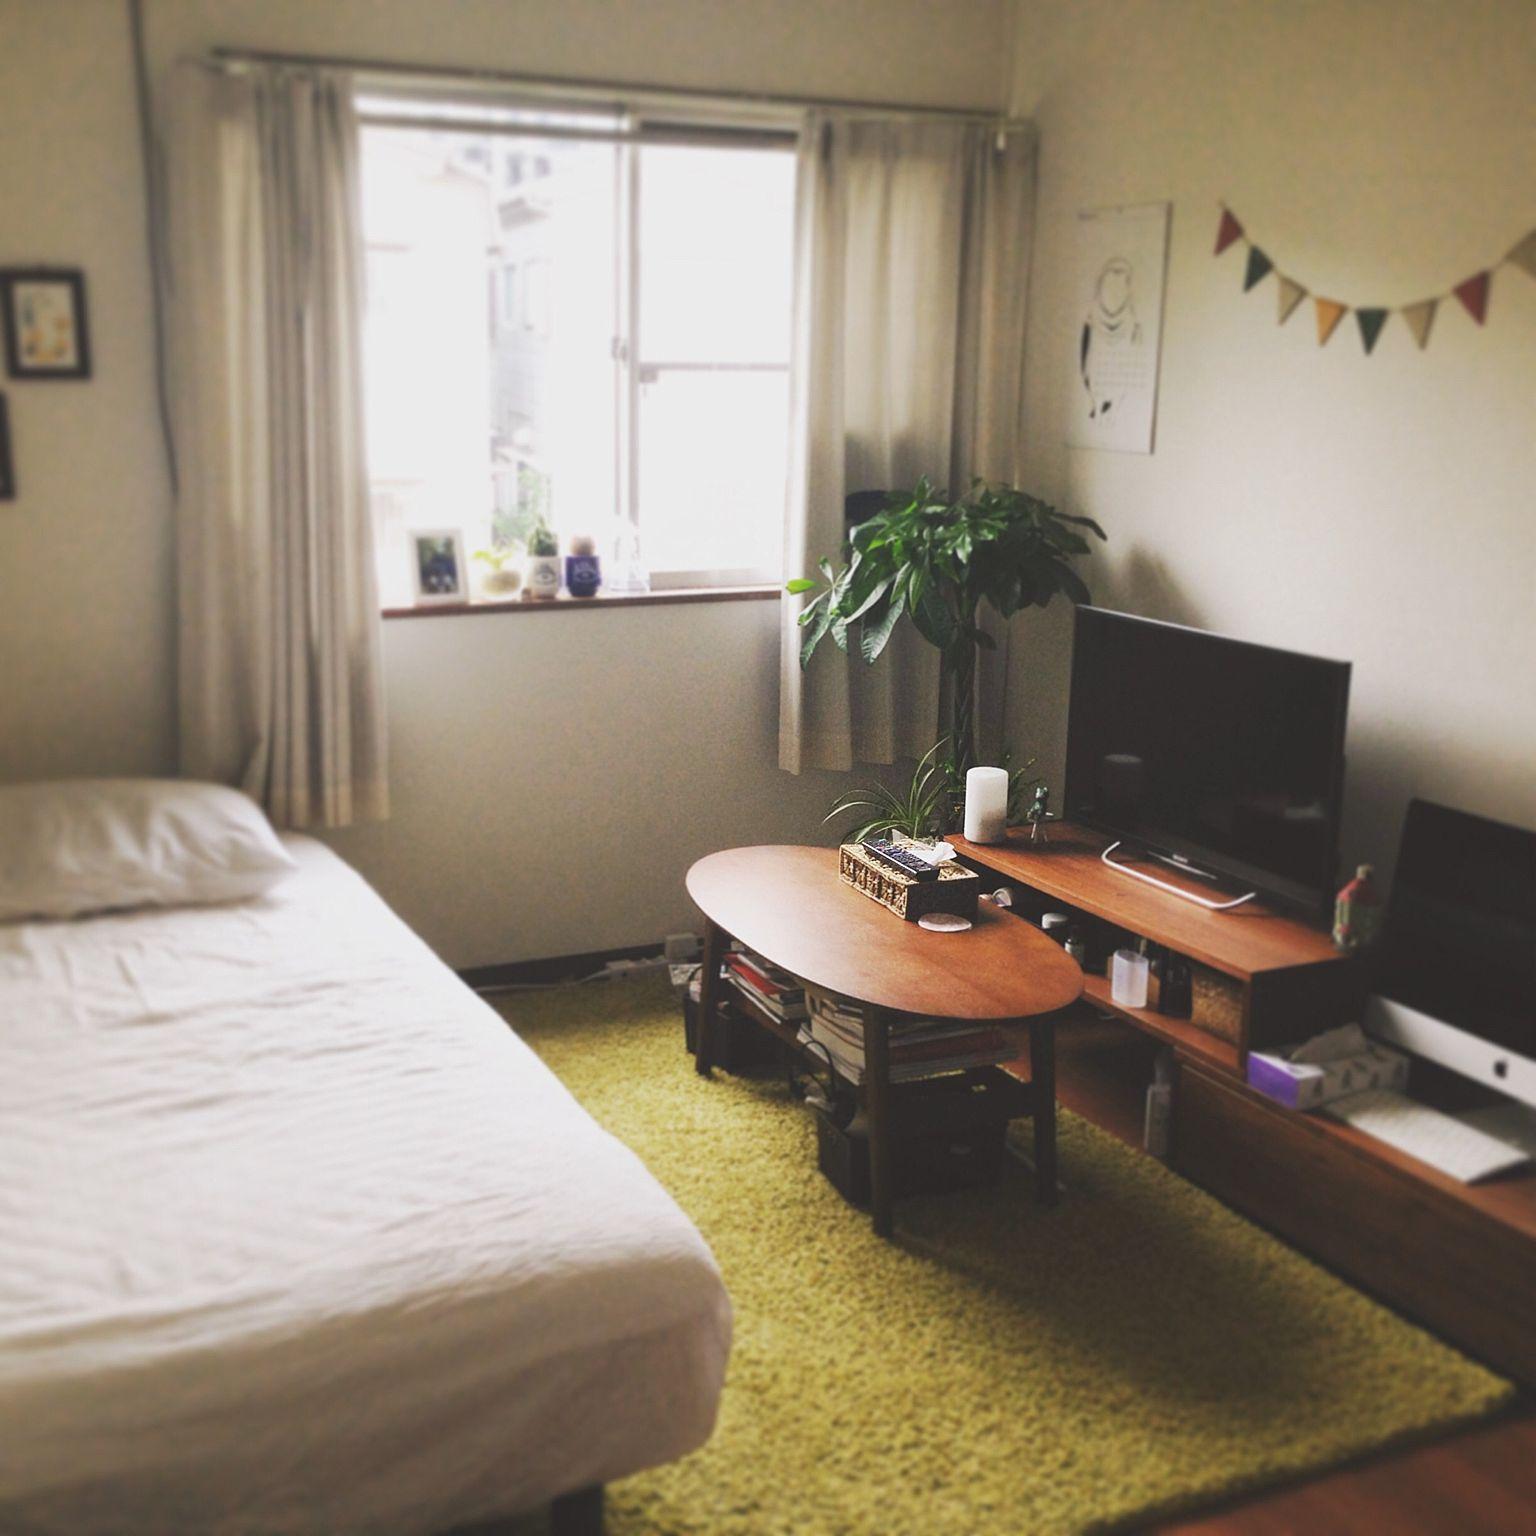 実例北欧レトロ③ おしゃれシンプルな男性一人暮らし部屋インテリア